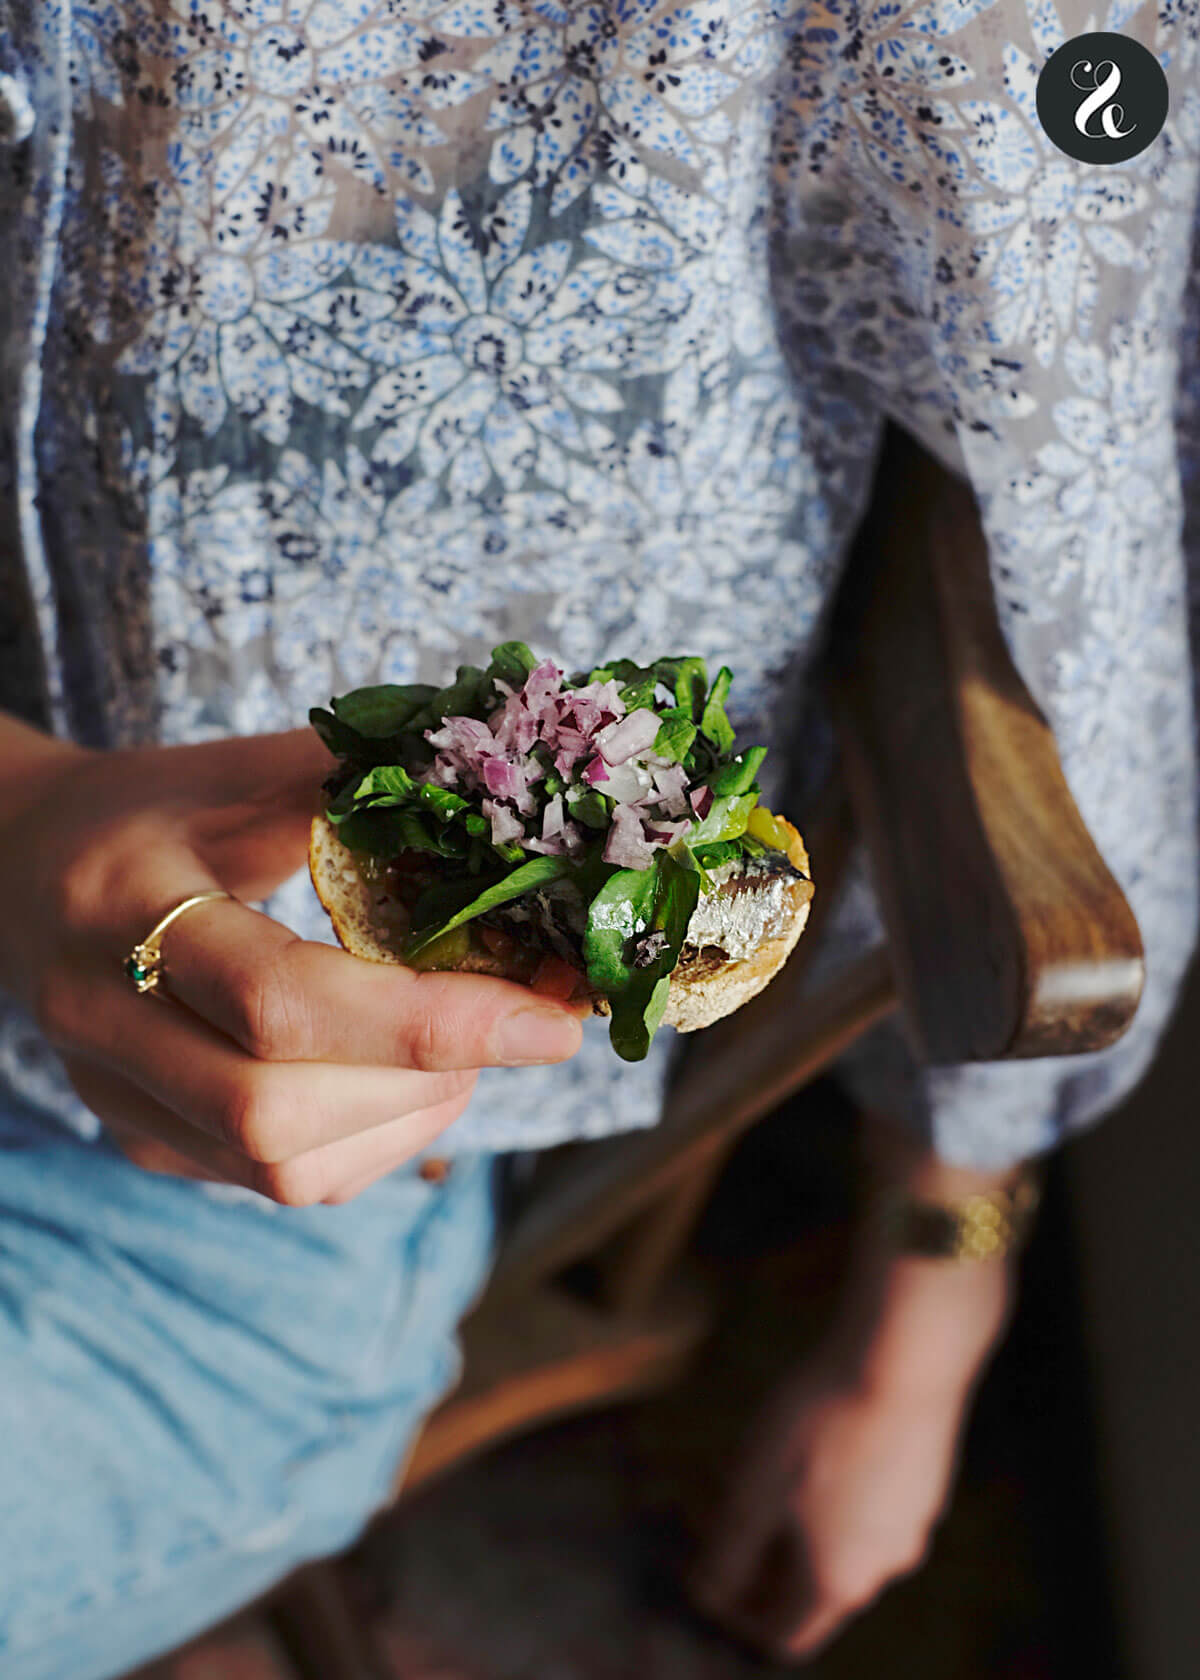 Qué ver en Lisboa - Comer en Lisboa - Taberna da rua las flores